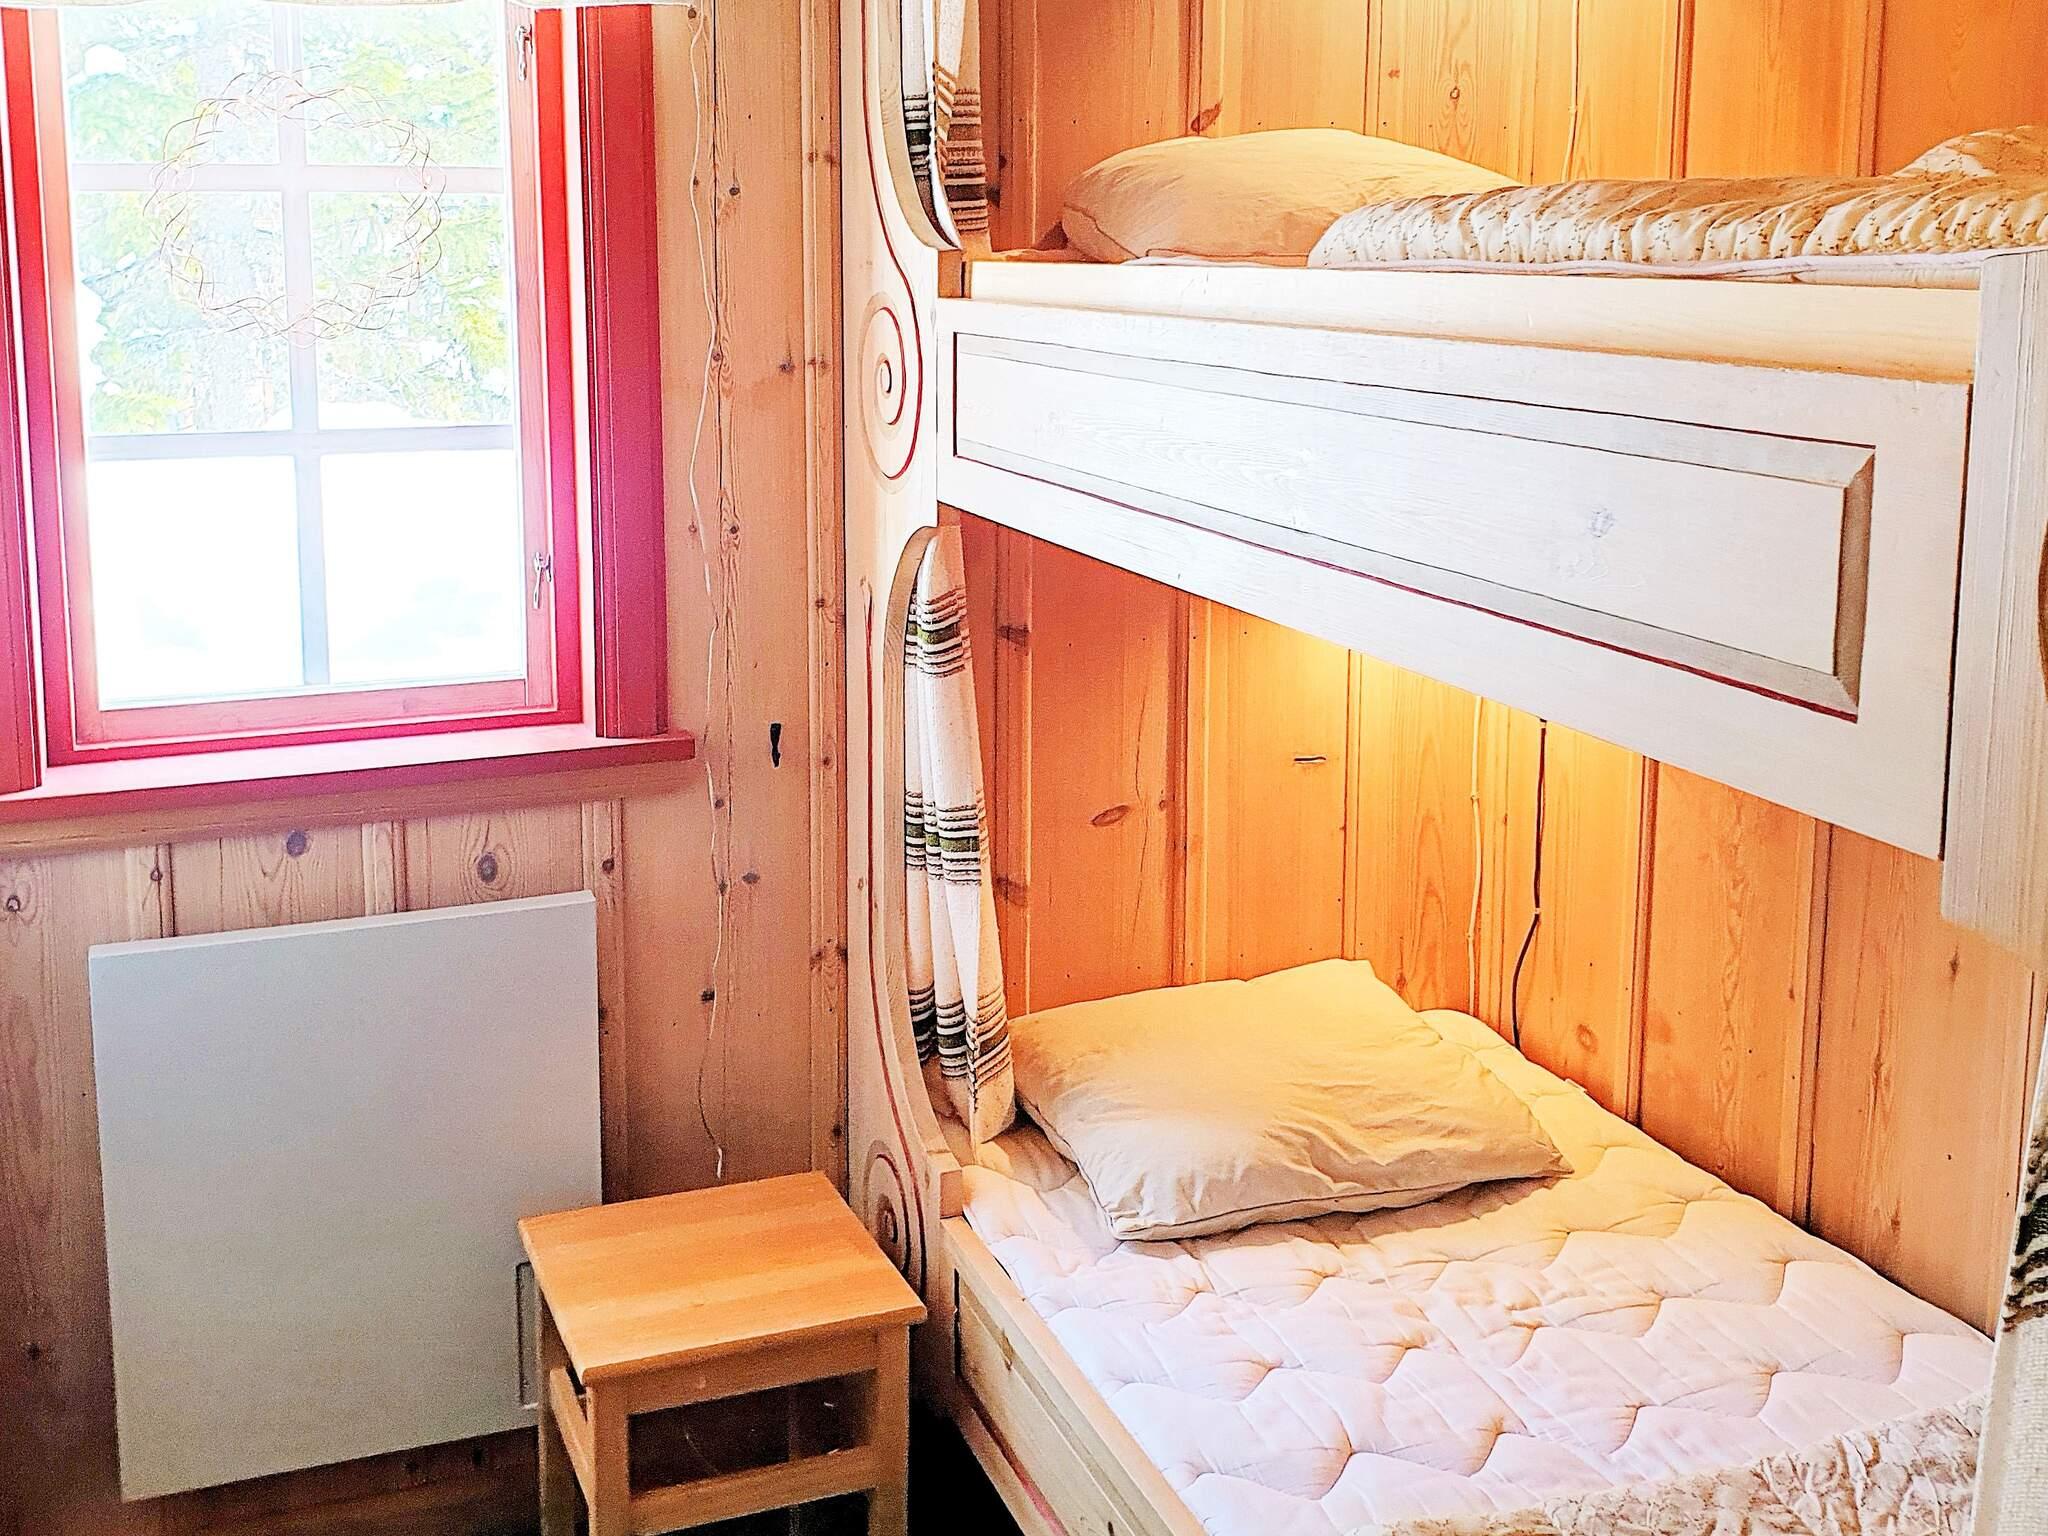 Ferienhaus Vemdalen (2780567), Funäsdalen, Jämtlands län, Nordschweden, Schweden, Bild 12